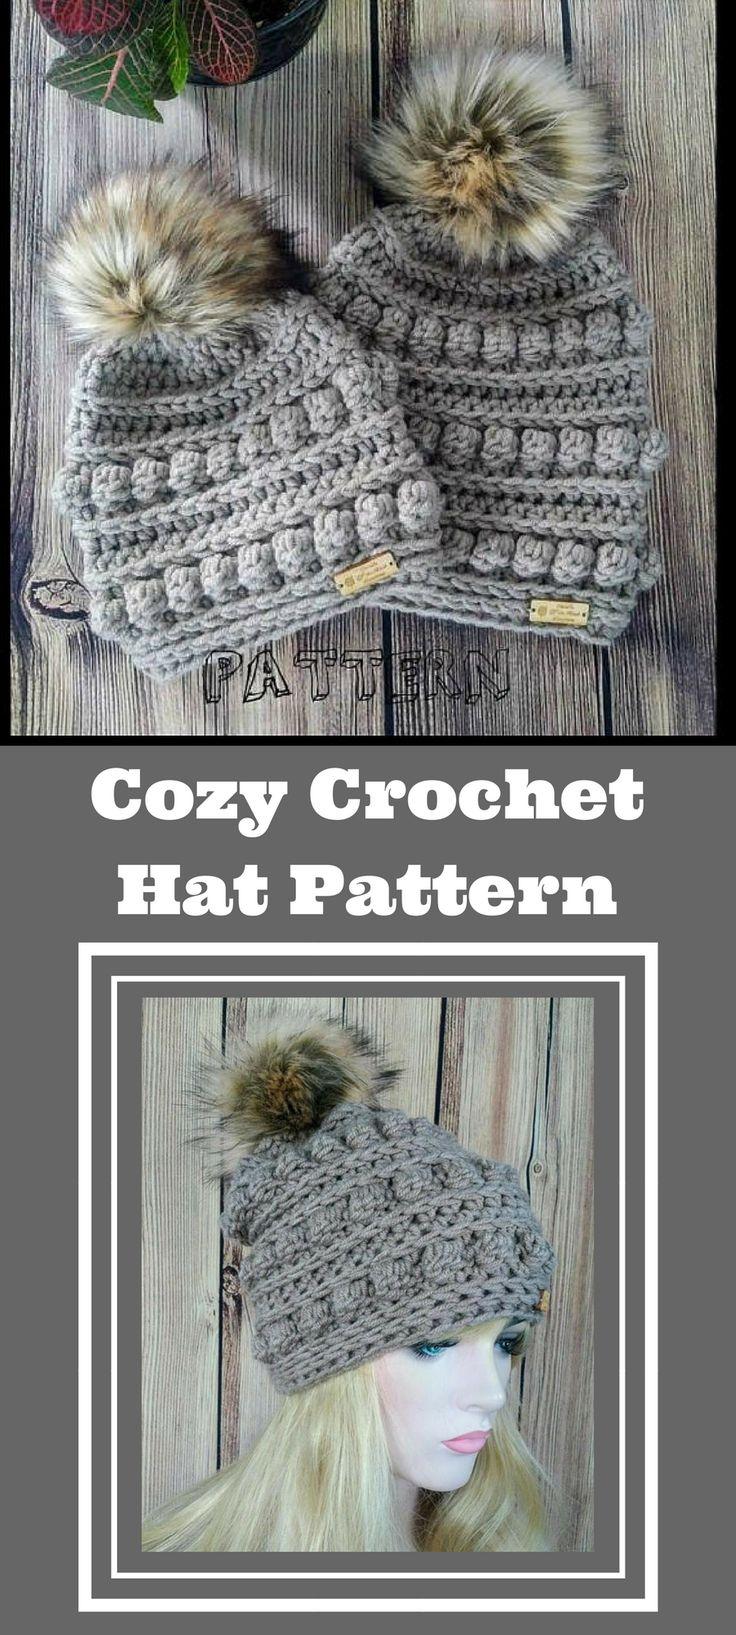 Bumpy Beanie Crochet Pattern- looks so cozy for a winter day! #crochetpattern #affiliate #beanie #crochethat